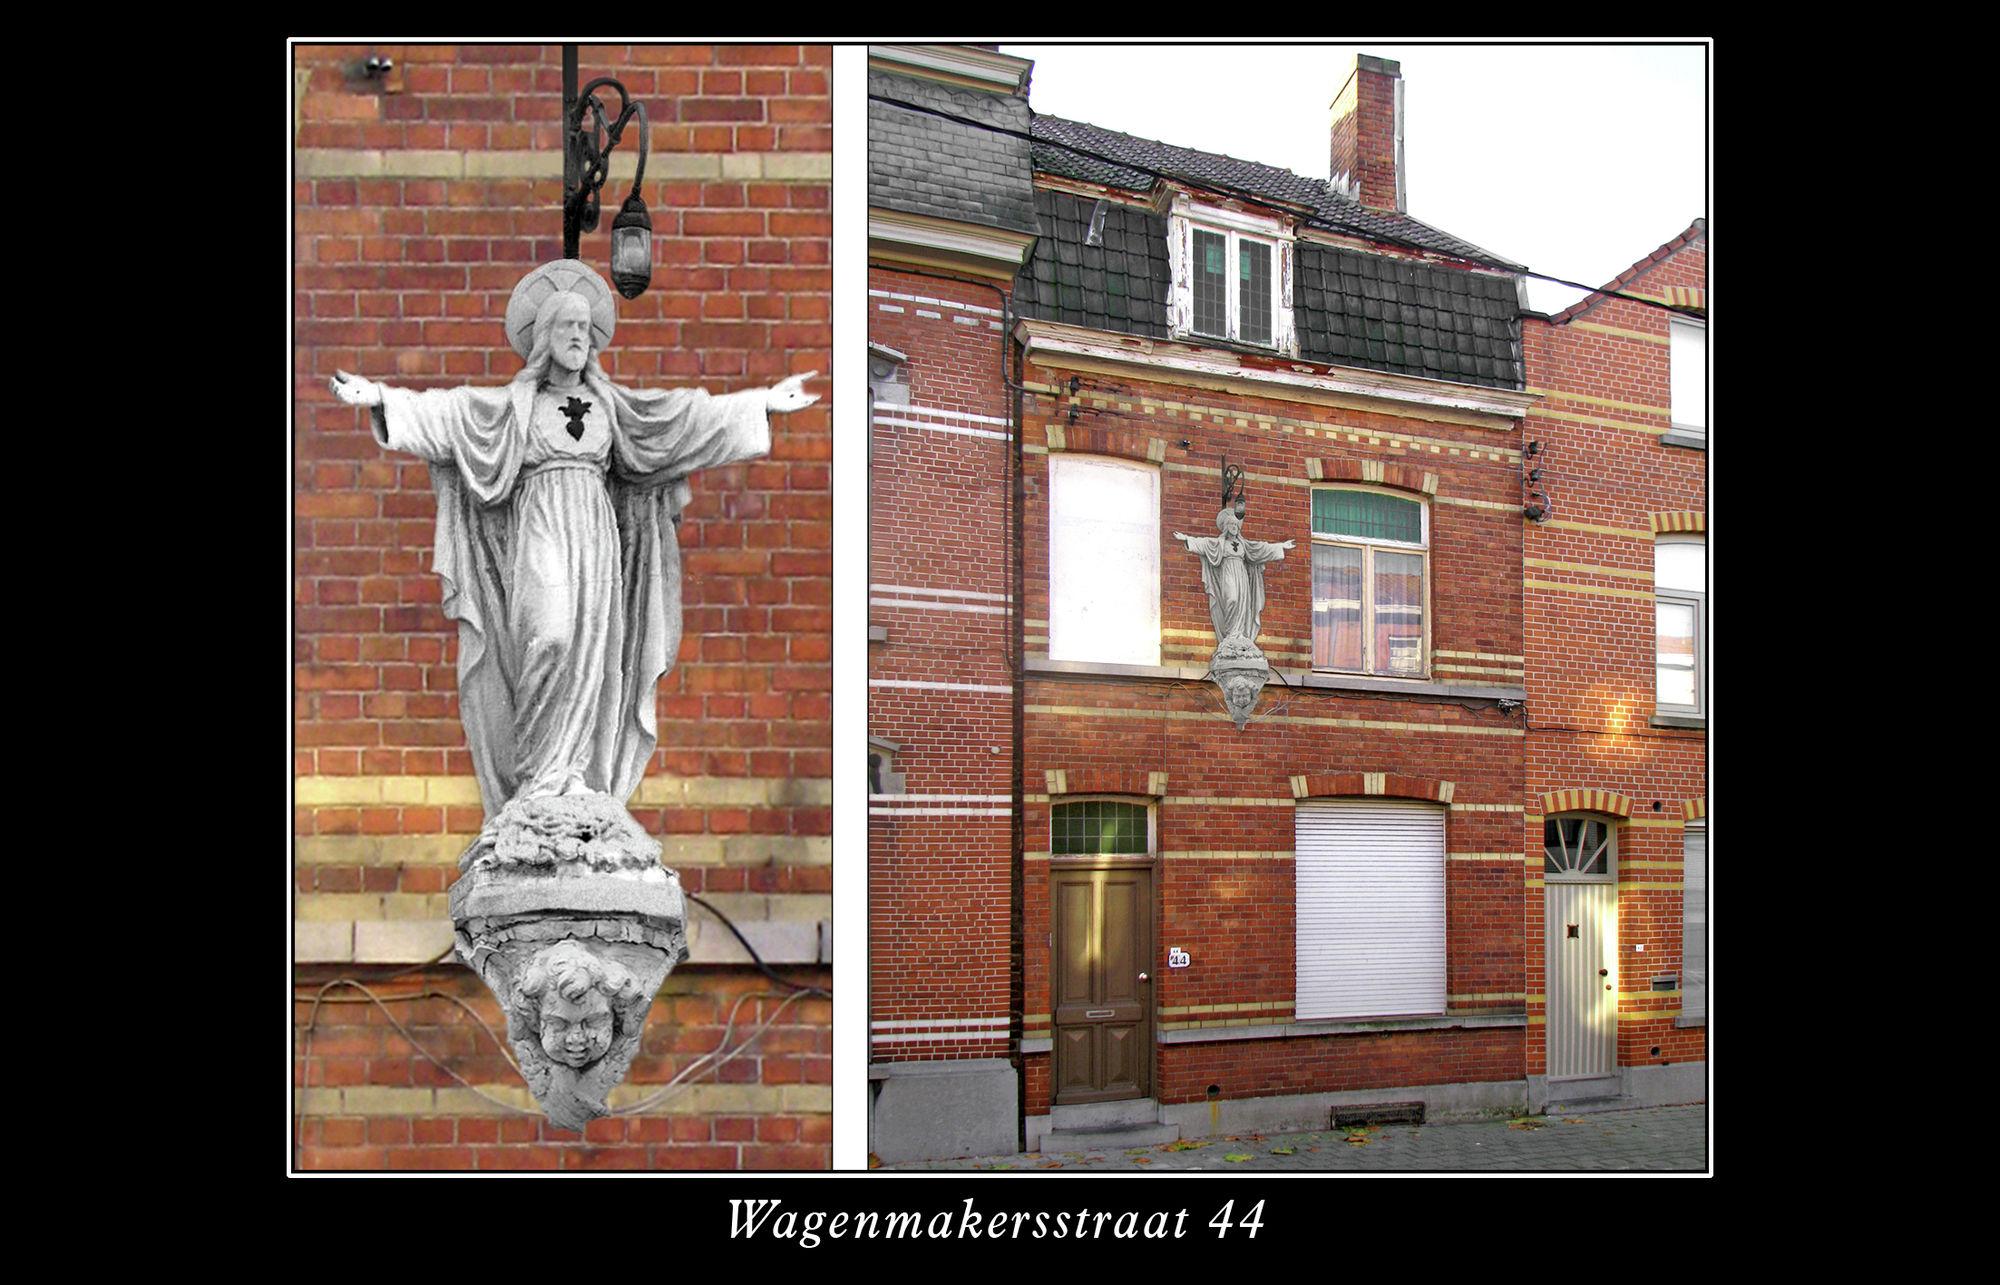 Wagenmakersstraat